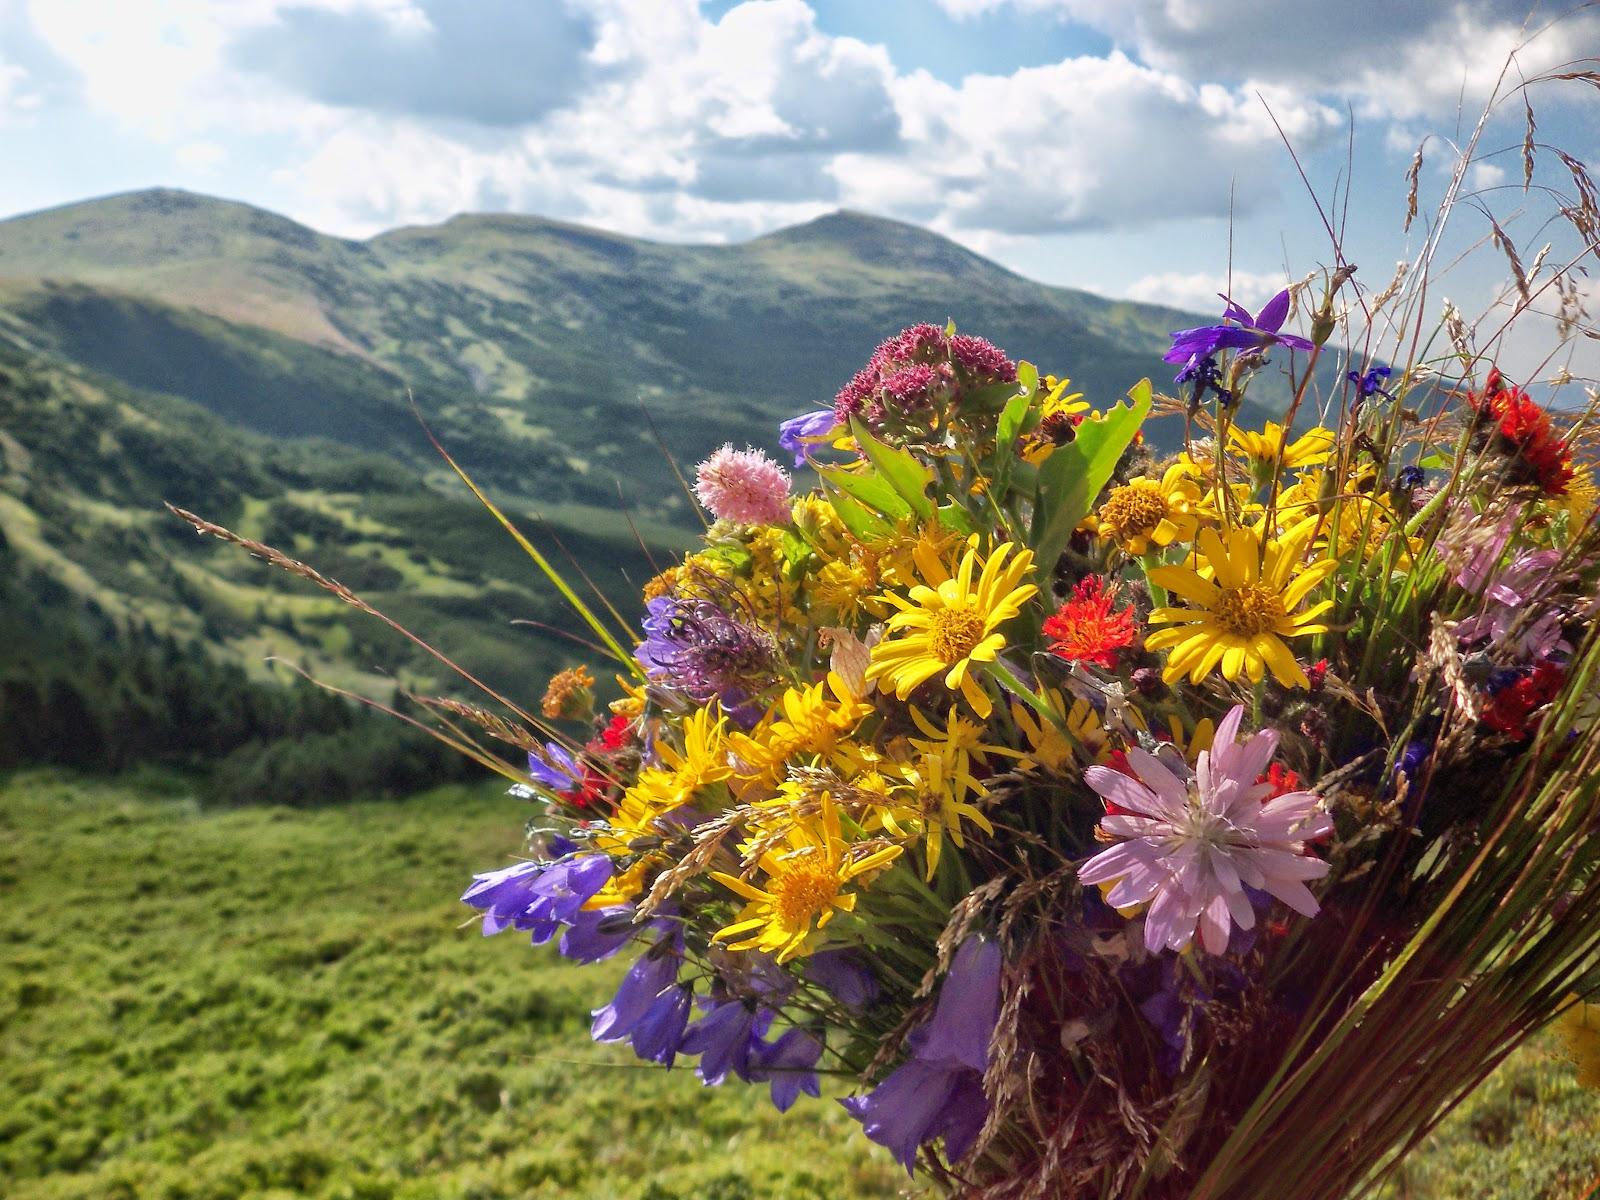 Садовые растения и цветы. Энциклопедия садовых цветов